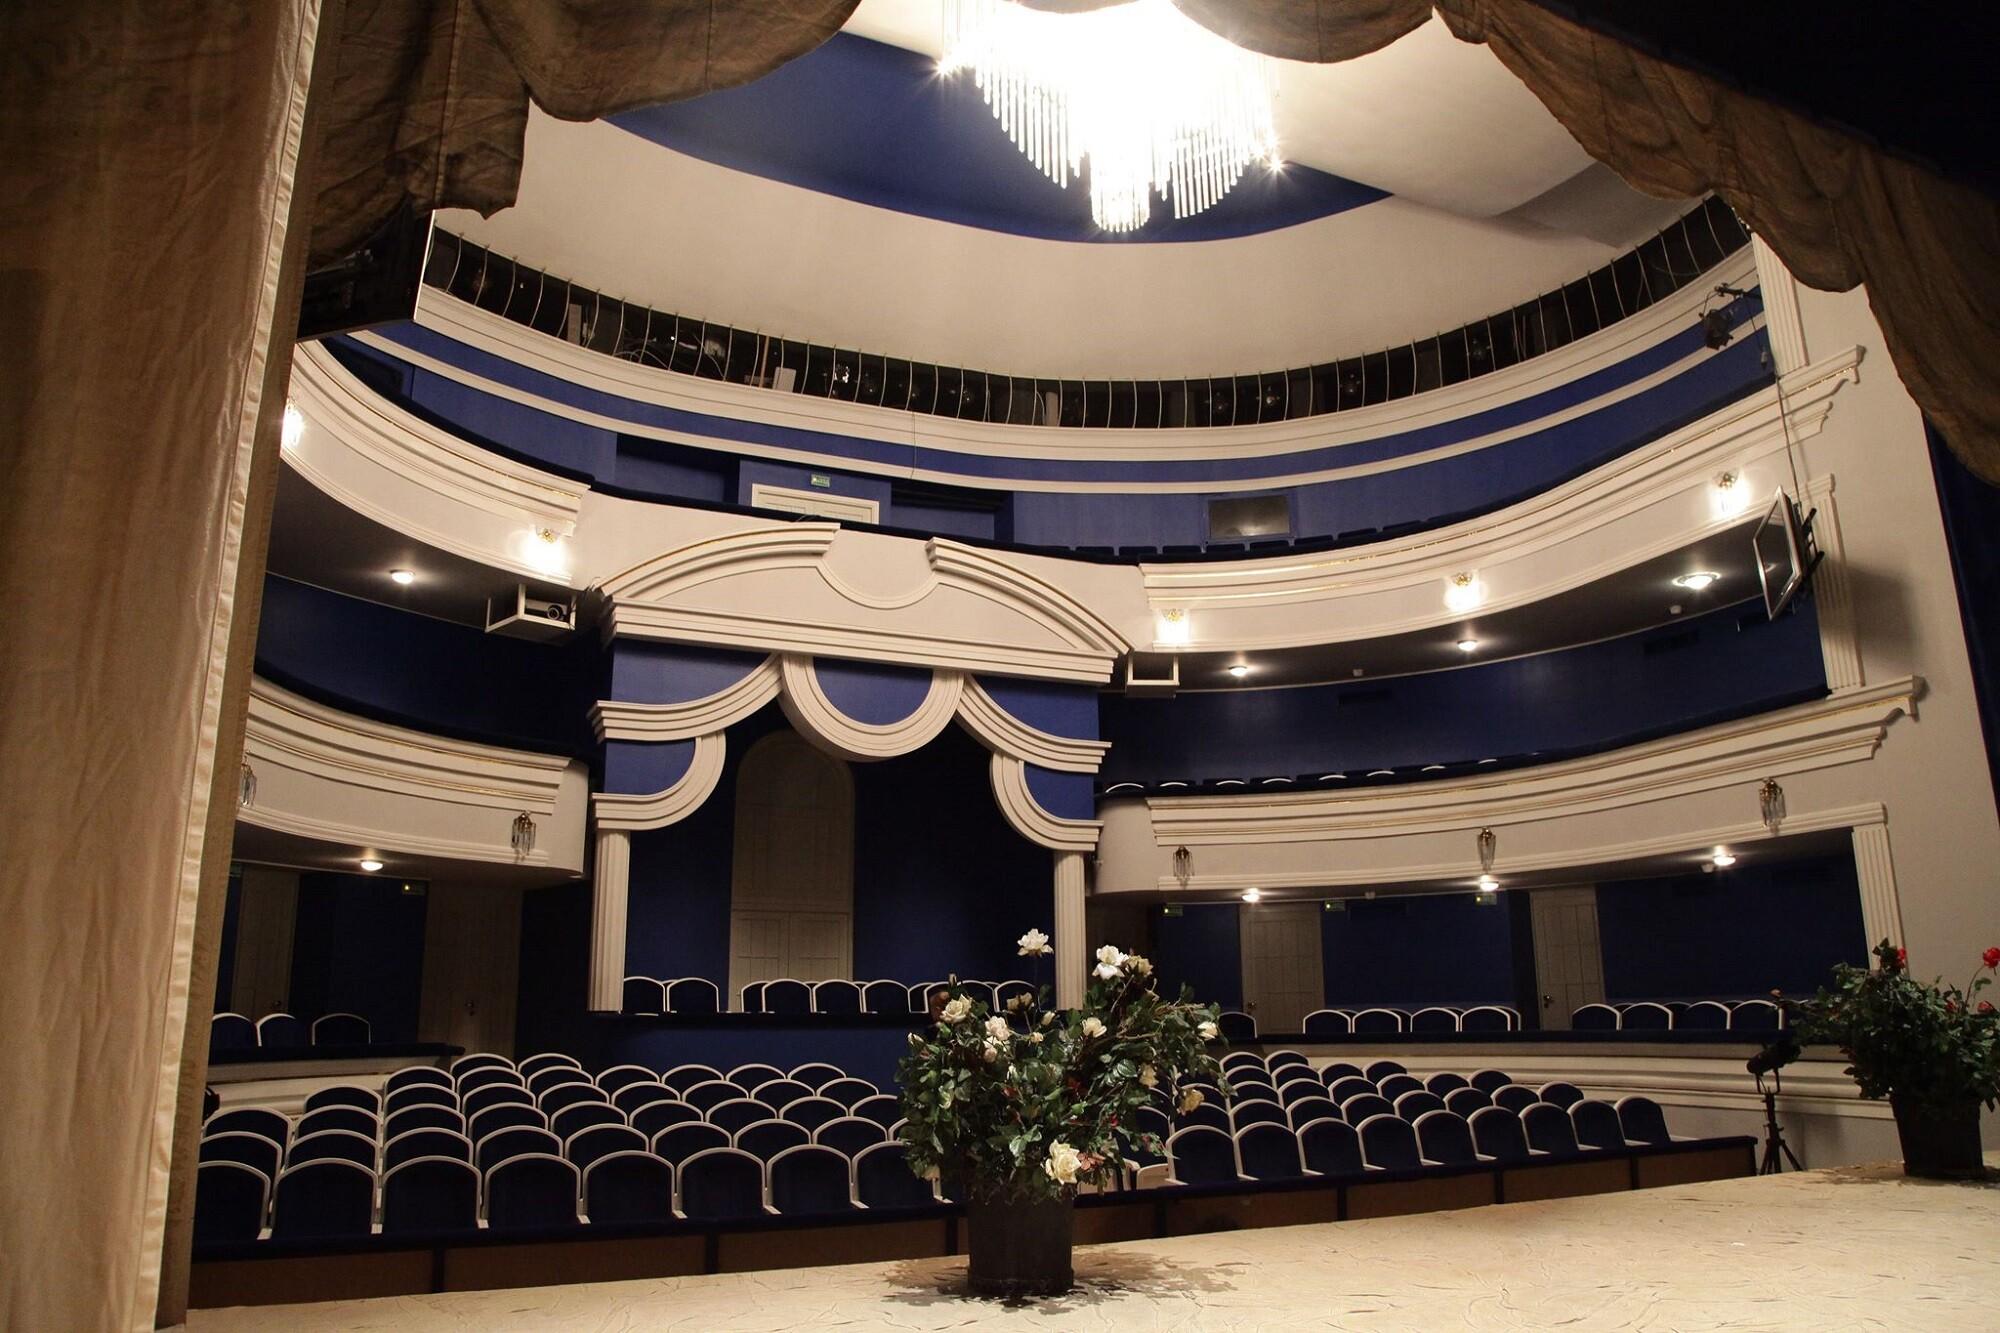 Центр оперного пения Галины Вишневской